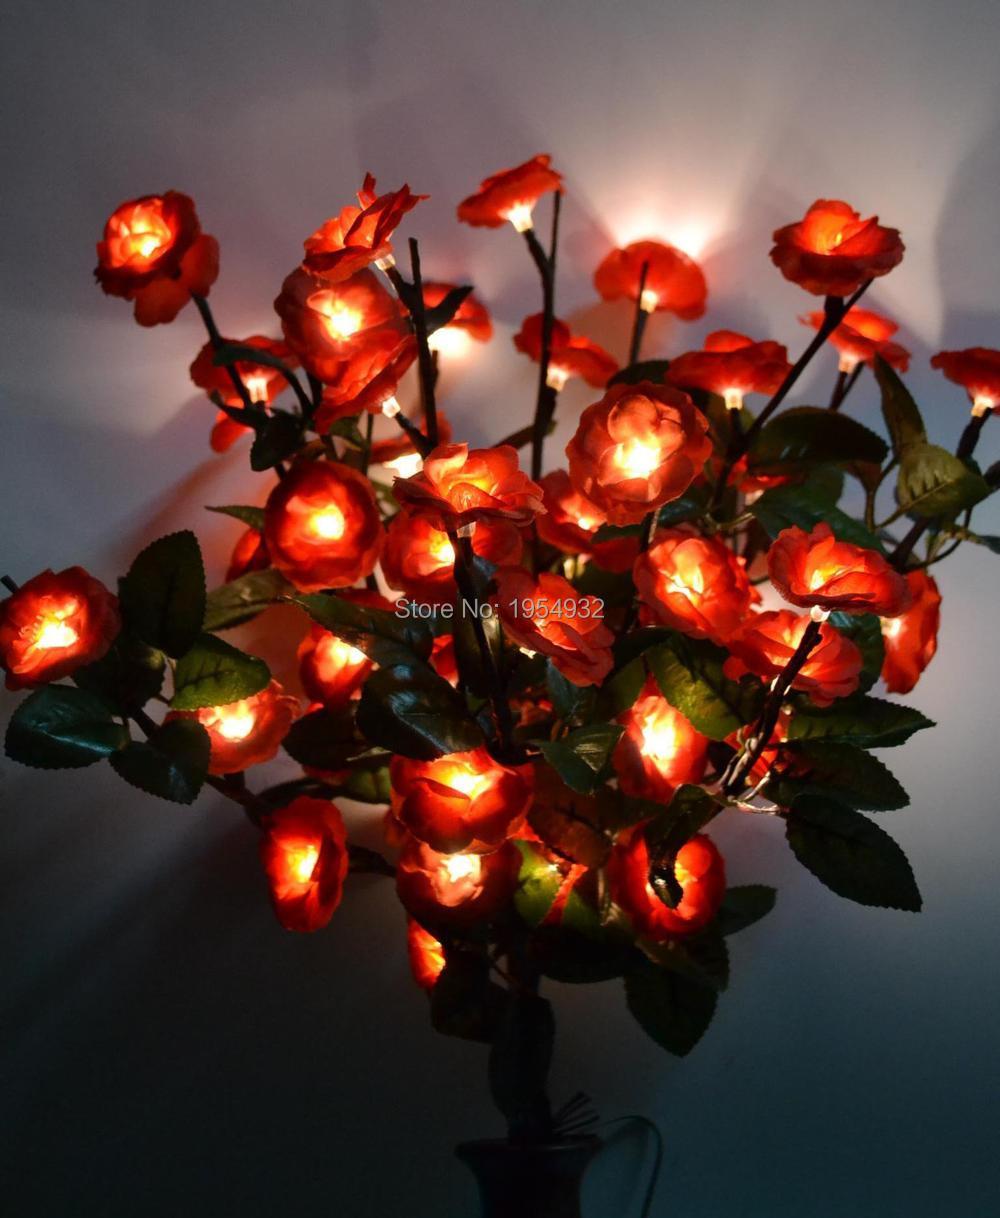 lumière de branche de fleurs-achetez des lots à petit prix